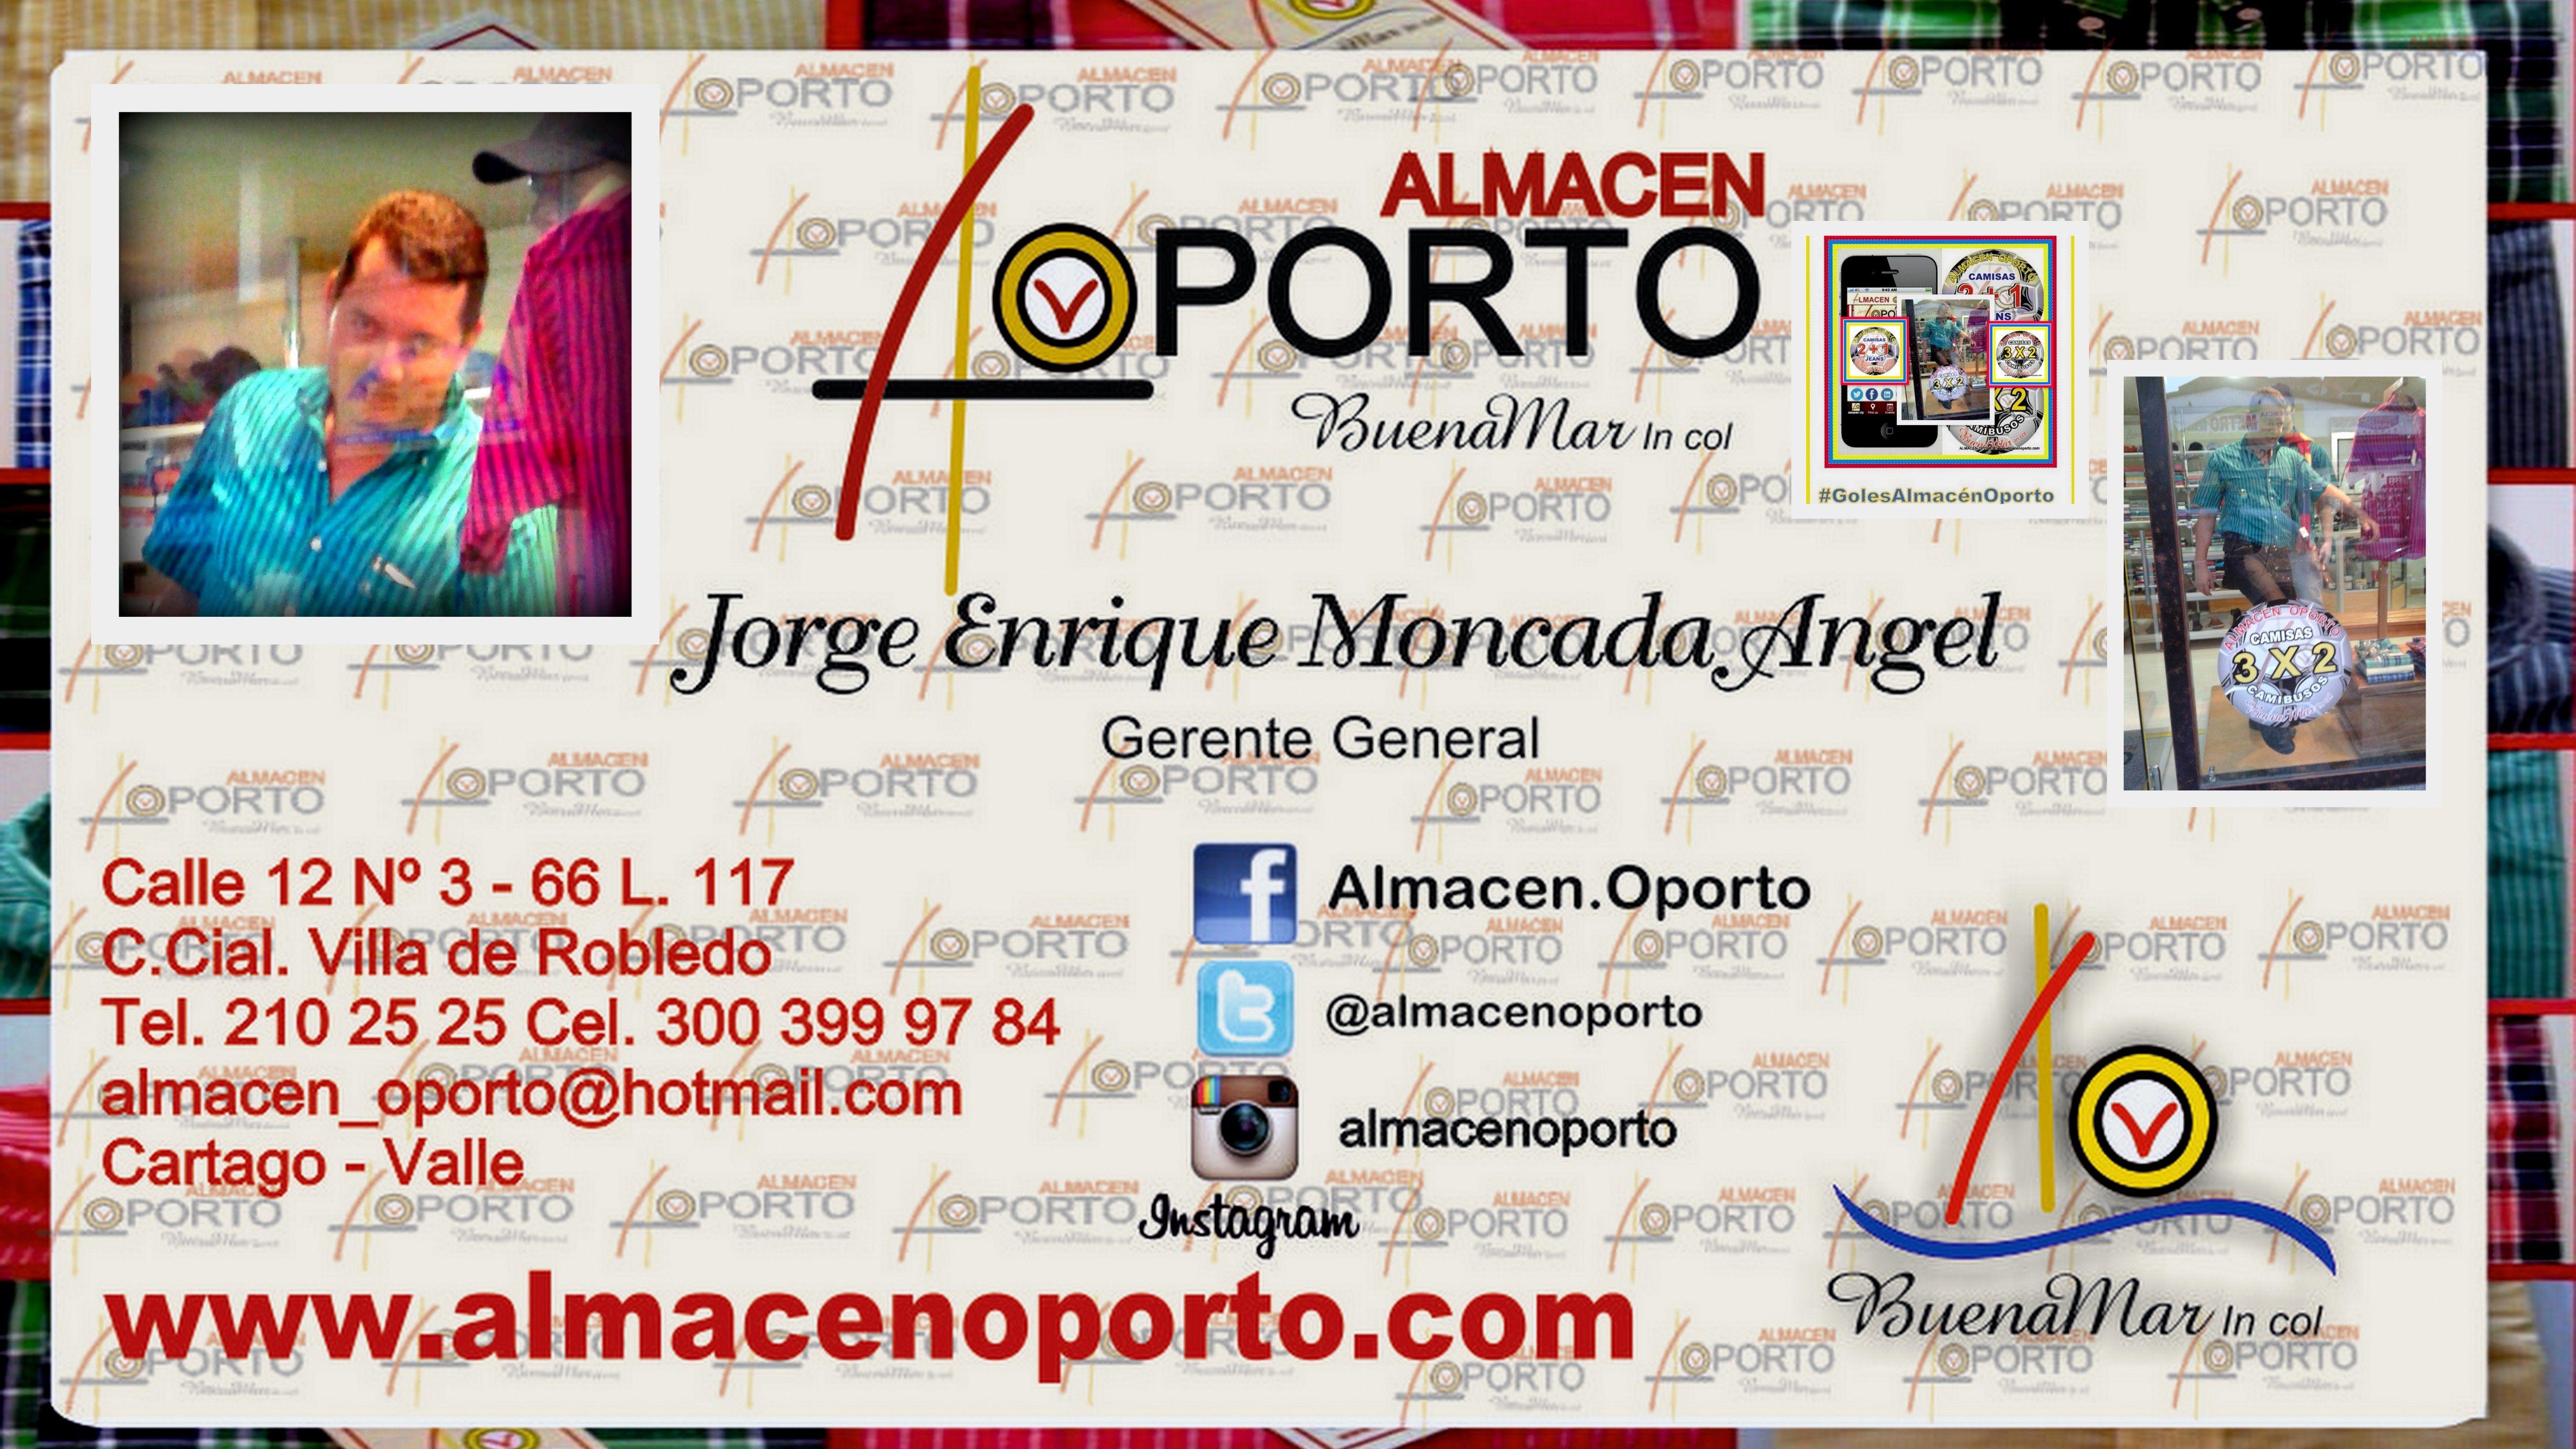 Almacén Oporto en Cartago, Valle del Cauca www.almacenoporto.com.co